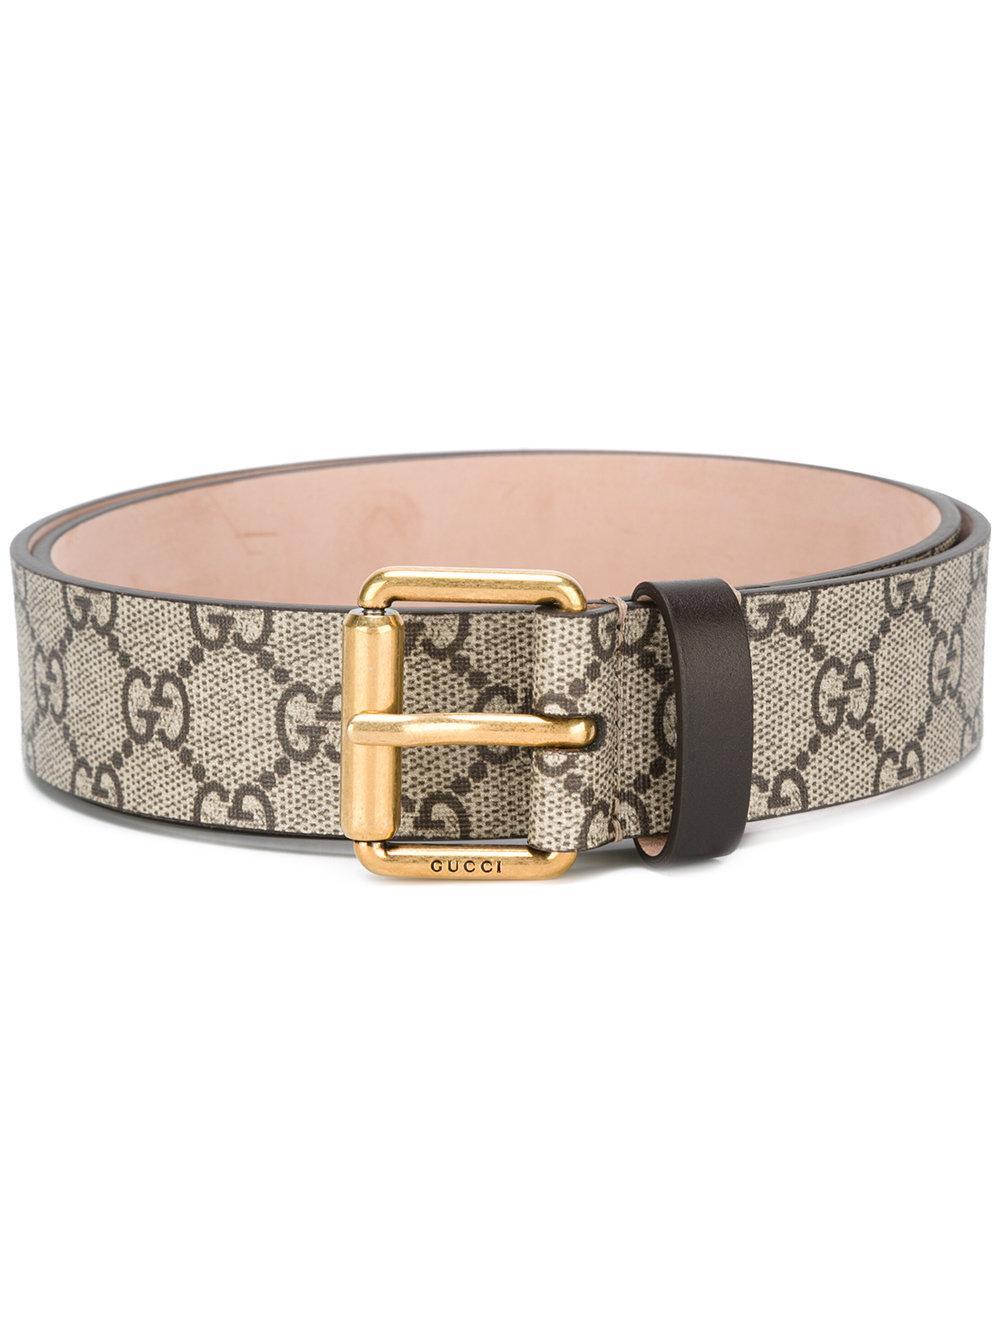 Gucci  U0026quot Gg U0026quot  Supreme Snake Belt